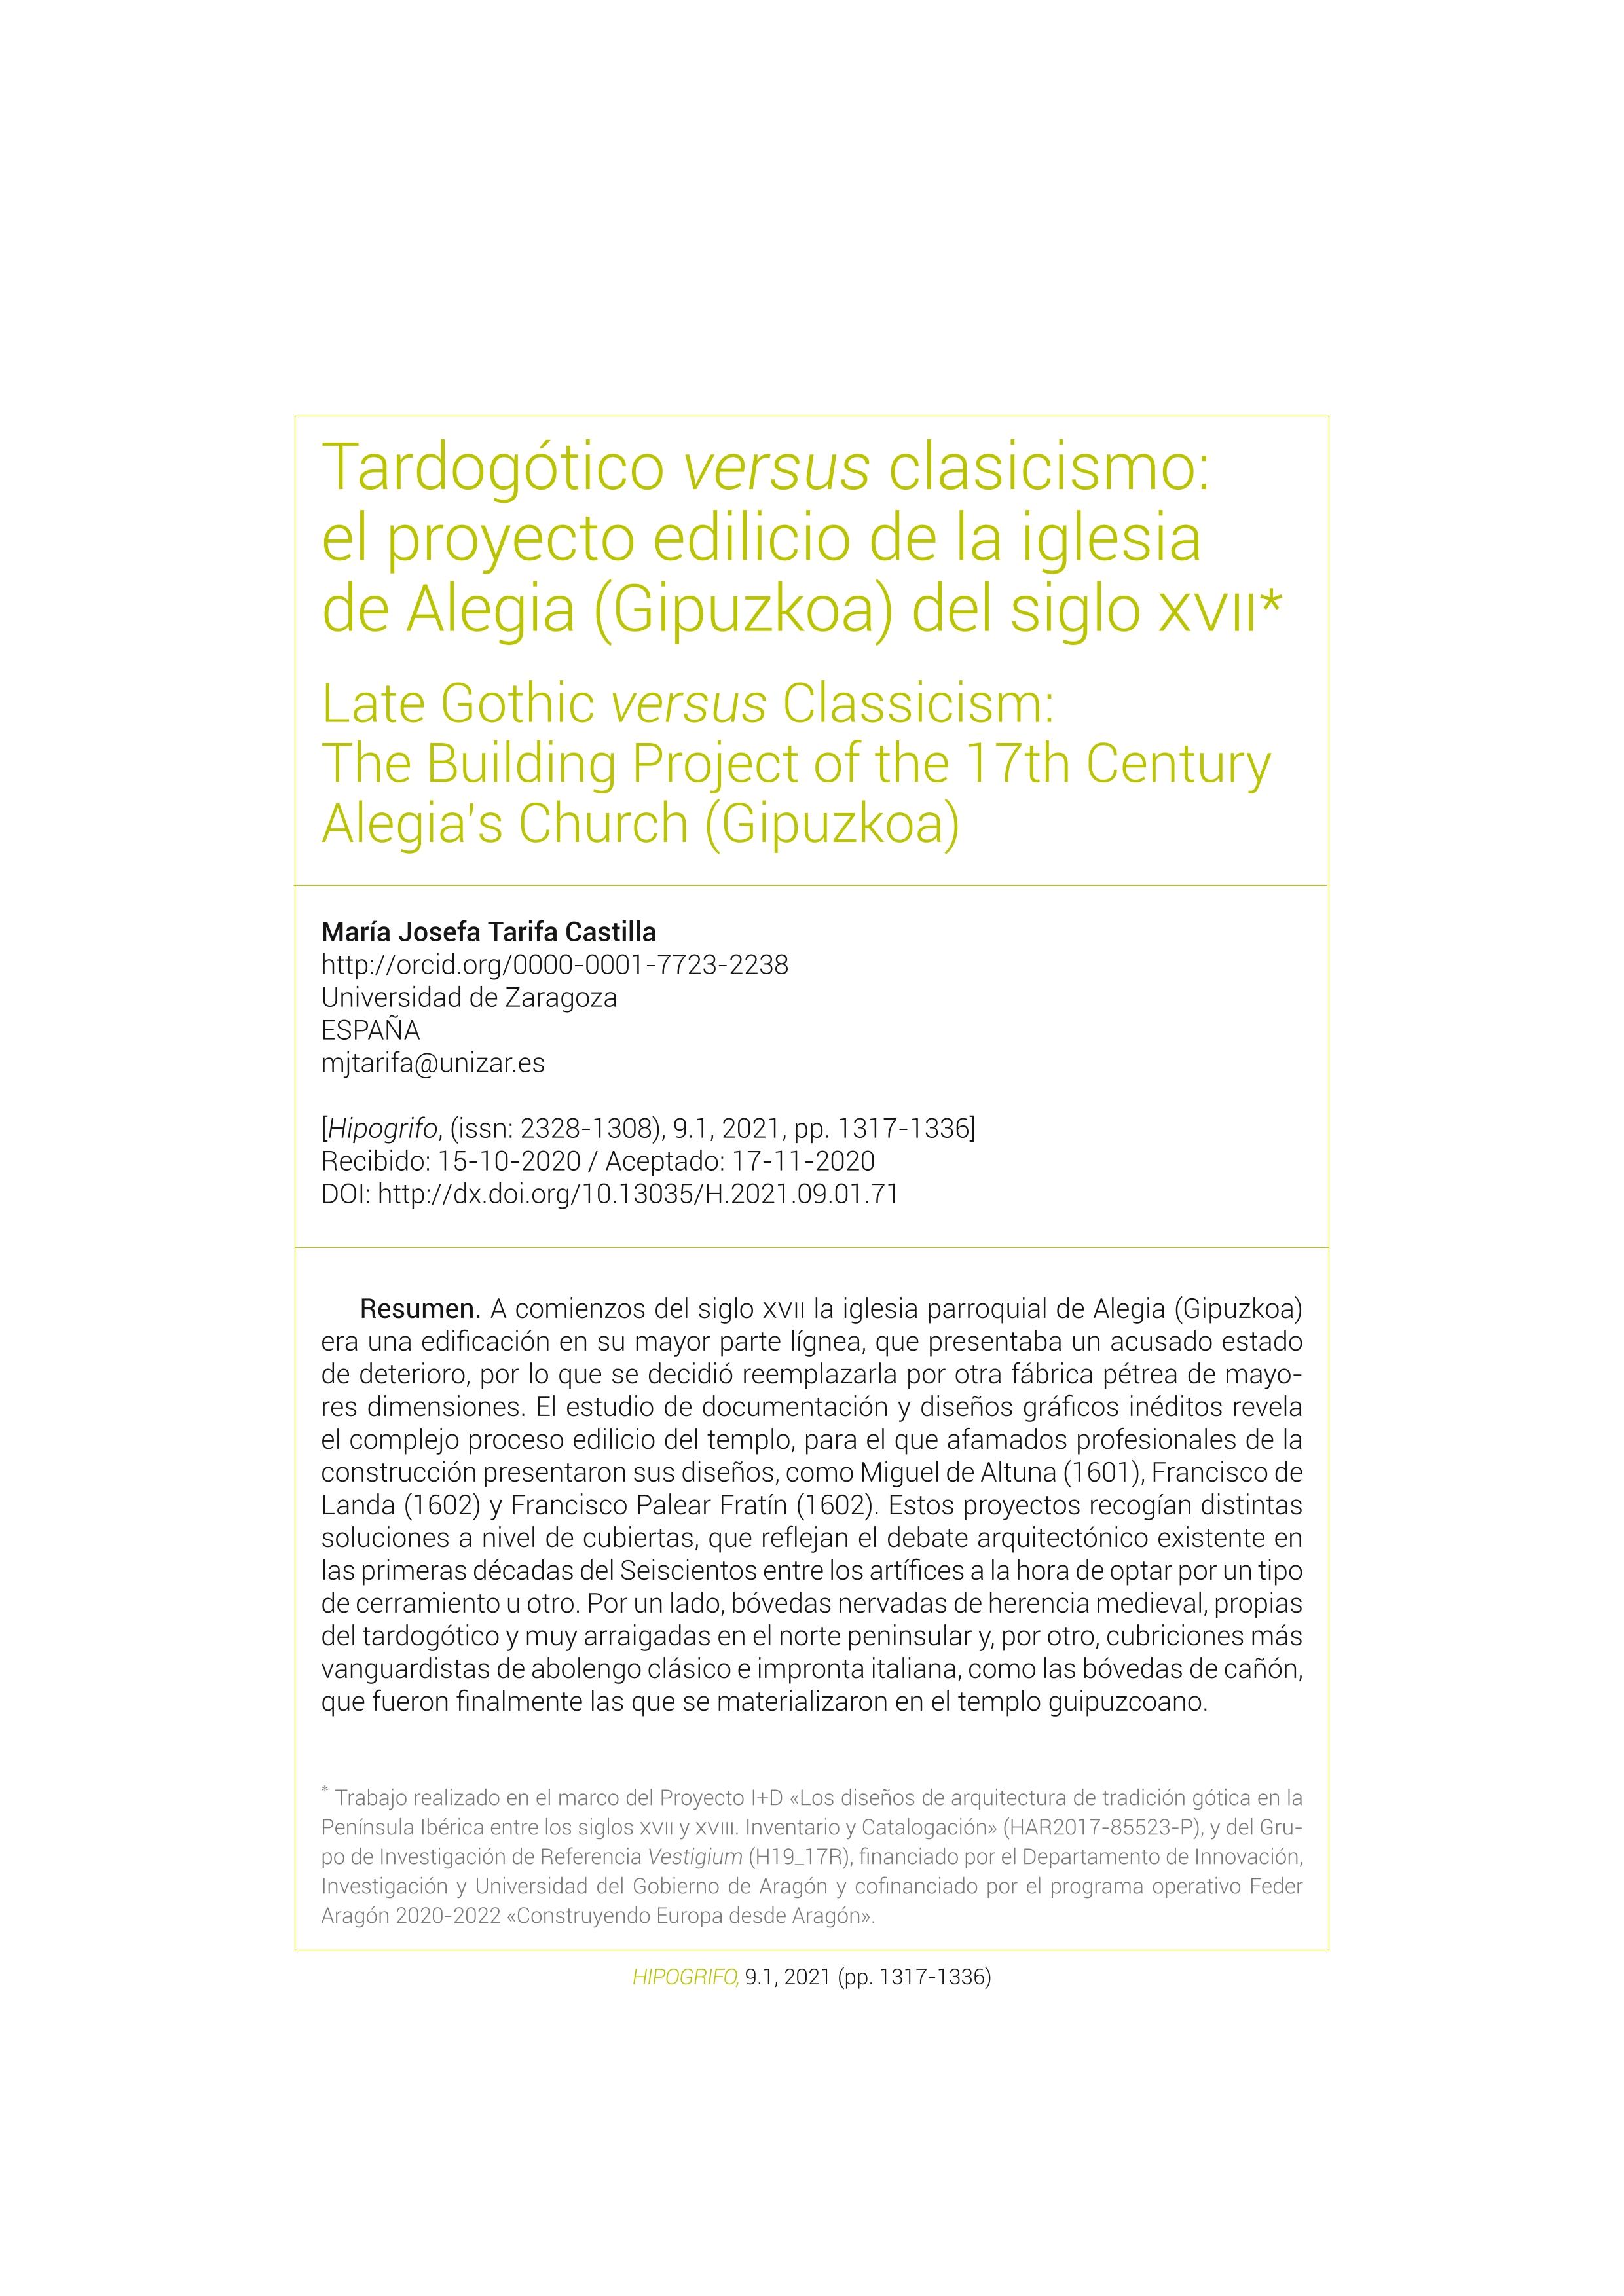 Tardogótico versus clasicismo: el proyecto edilicio de la iglesia de Alegia (Gipuzkoa) del siglo XVII